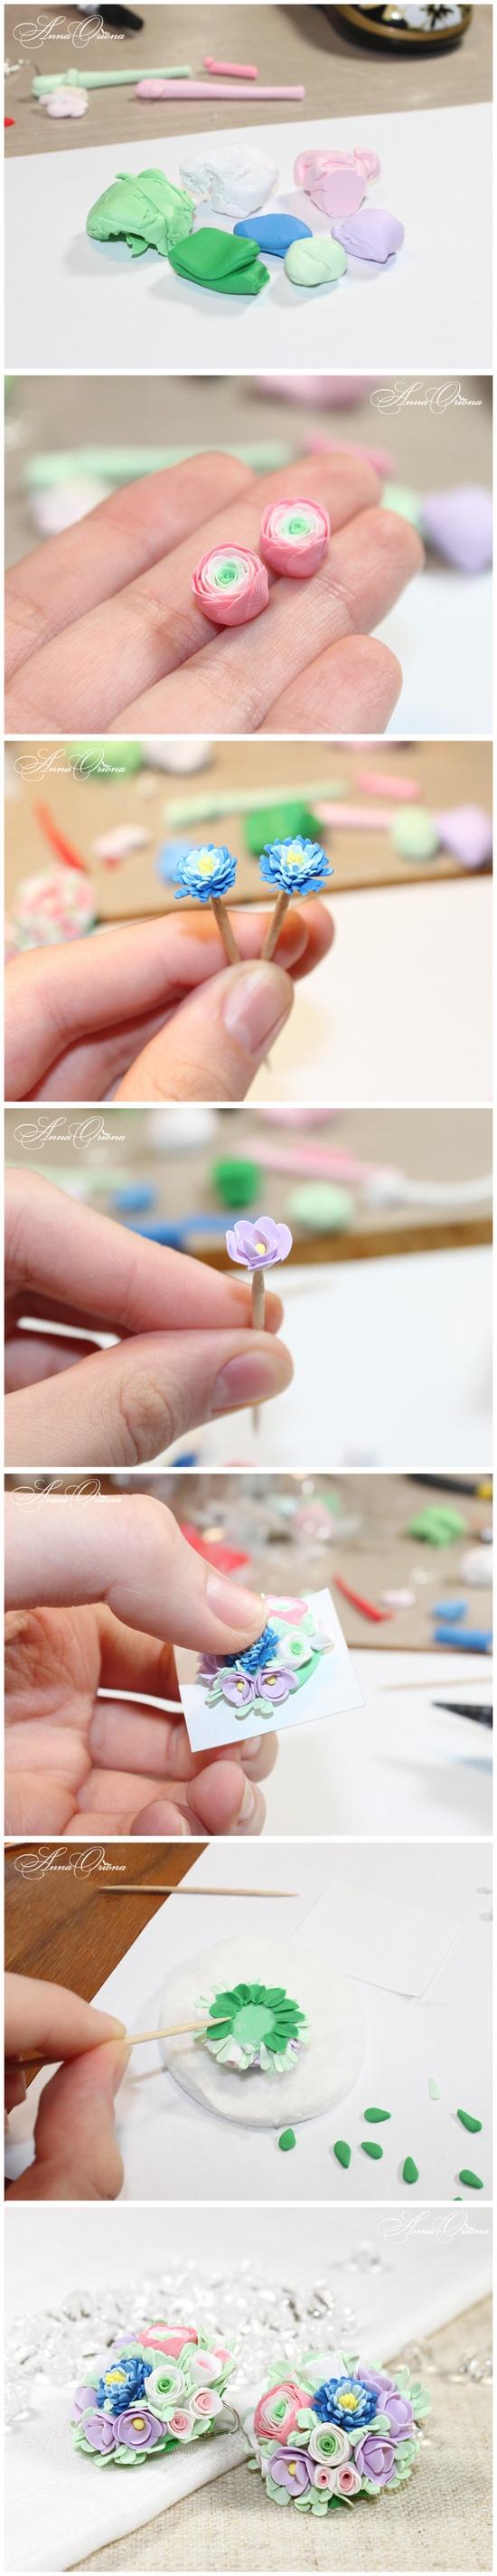 Фото мастер класс по лепке цветов из полимерной глины